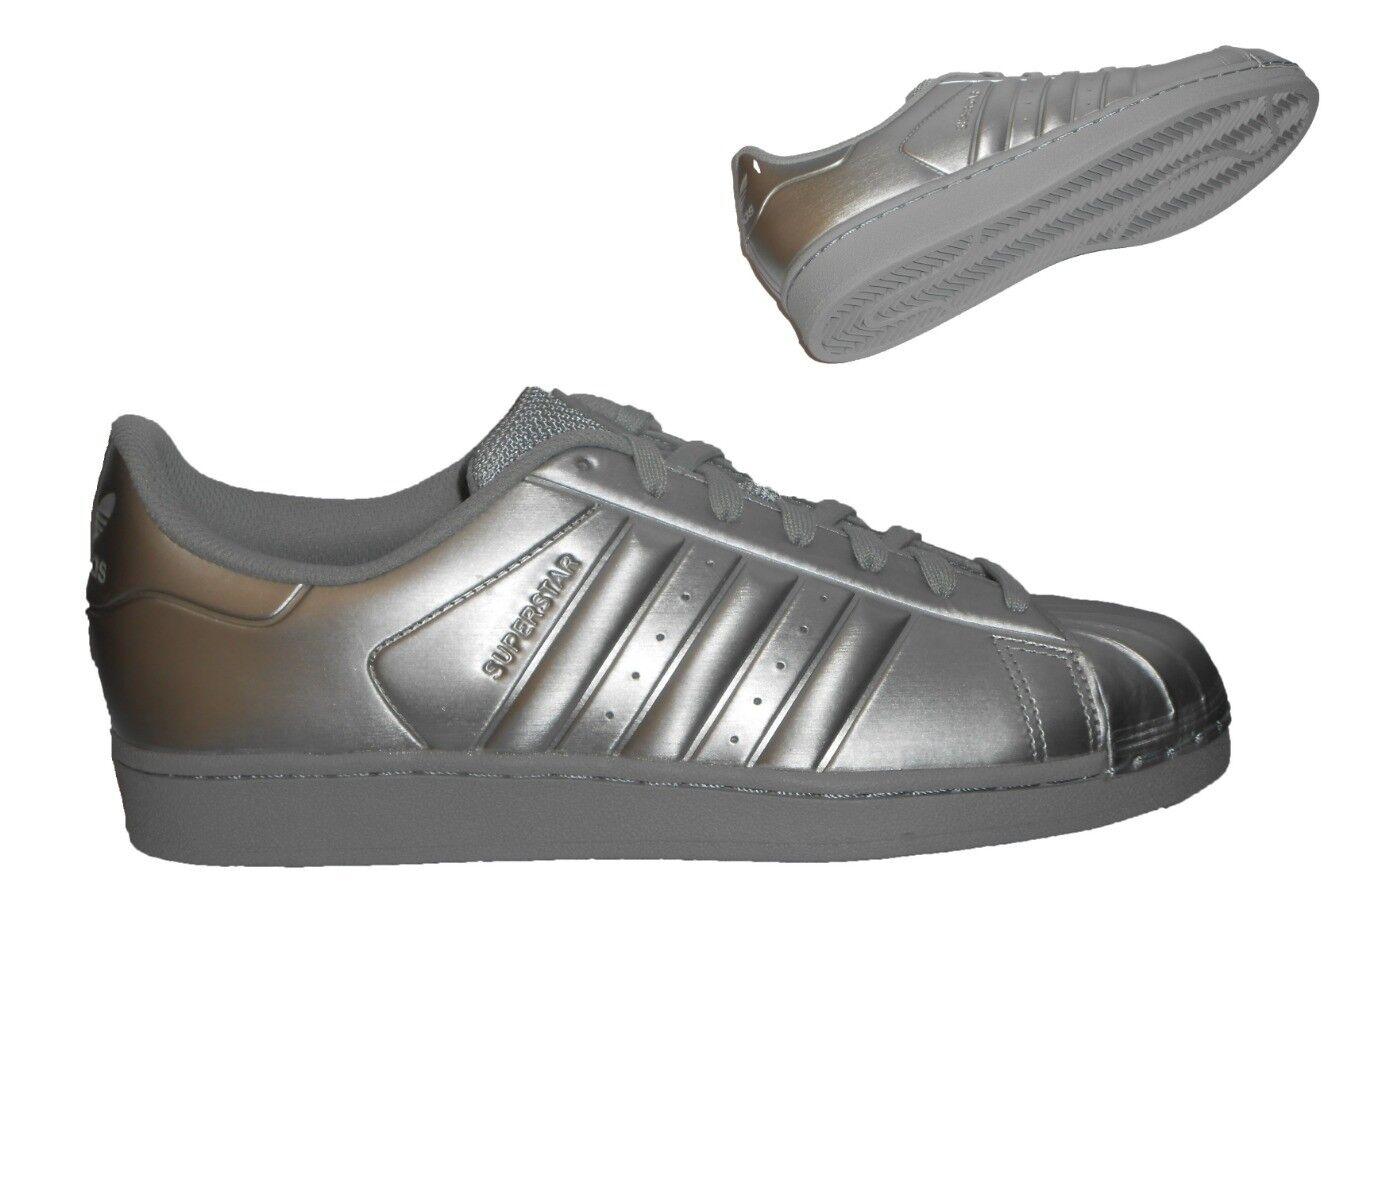 Adidas Superstar Zapatillas Hombre CONOCIDO PLATA TALLA 7-10.5 NUEVO